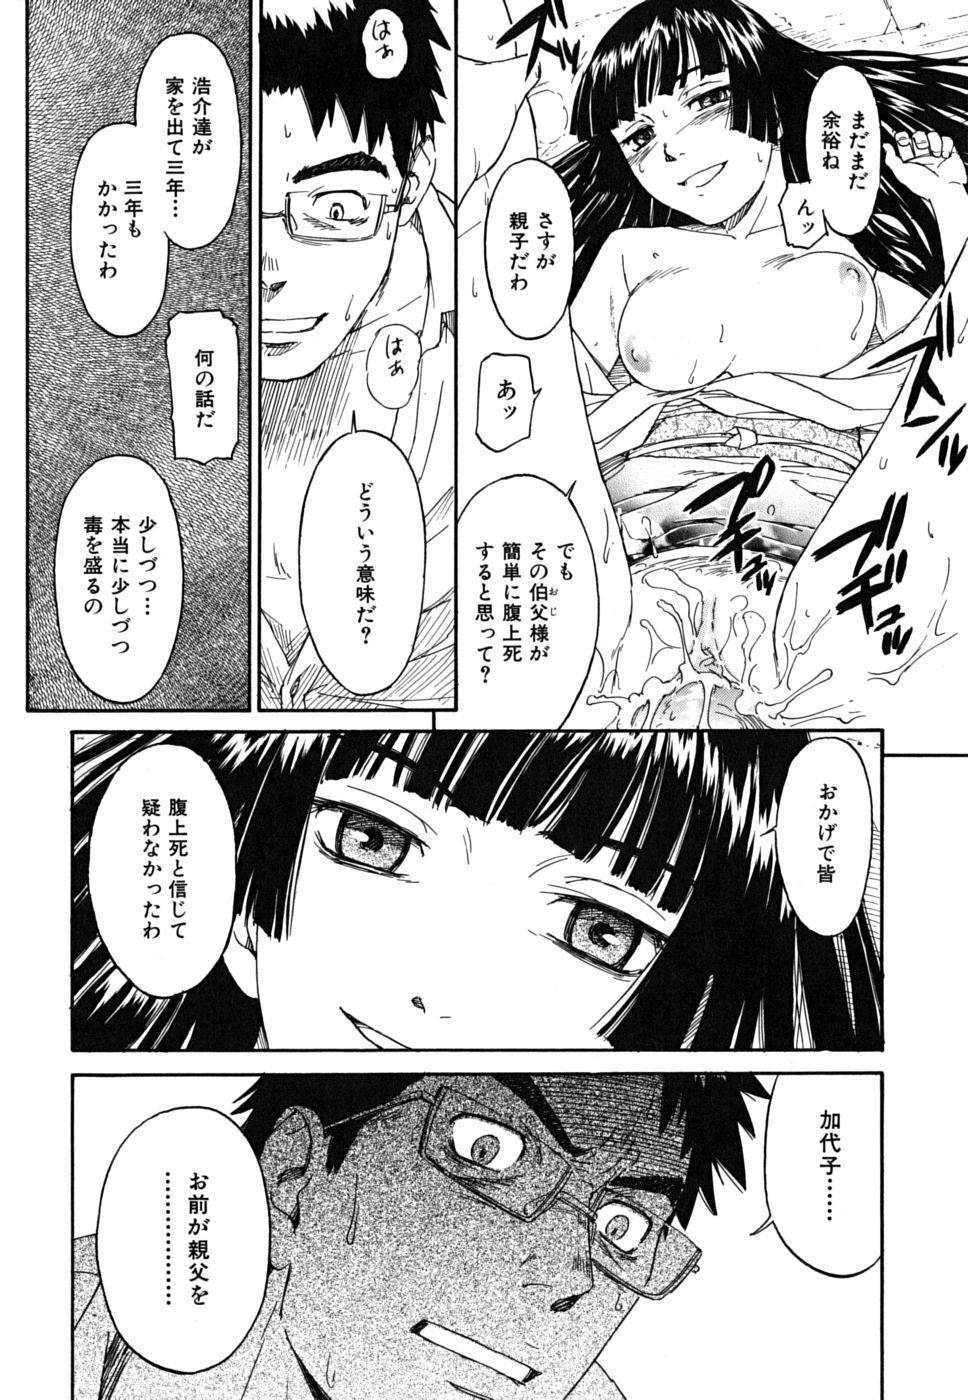 Shoujo Material 192